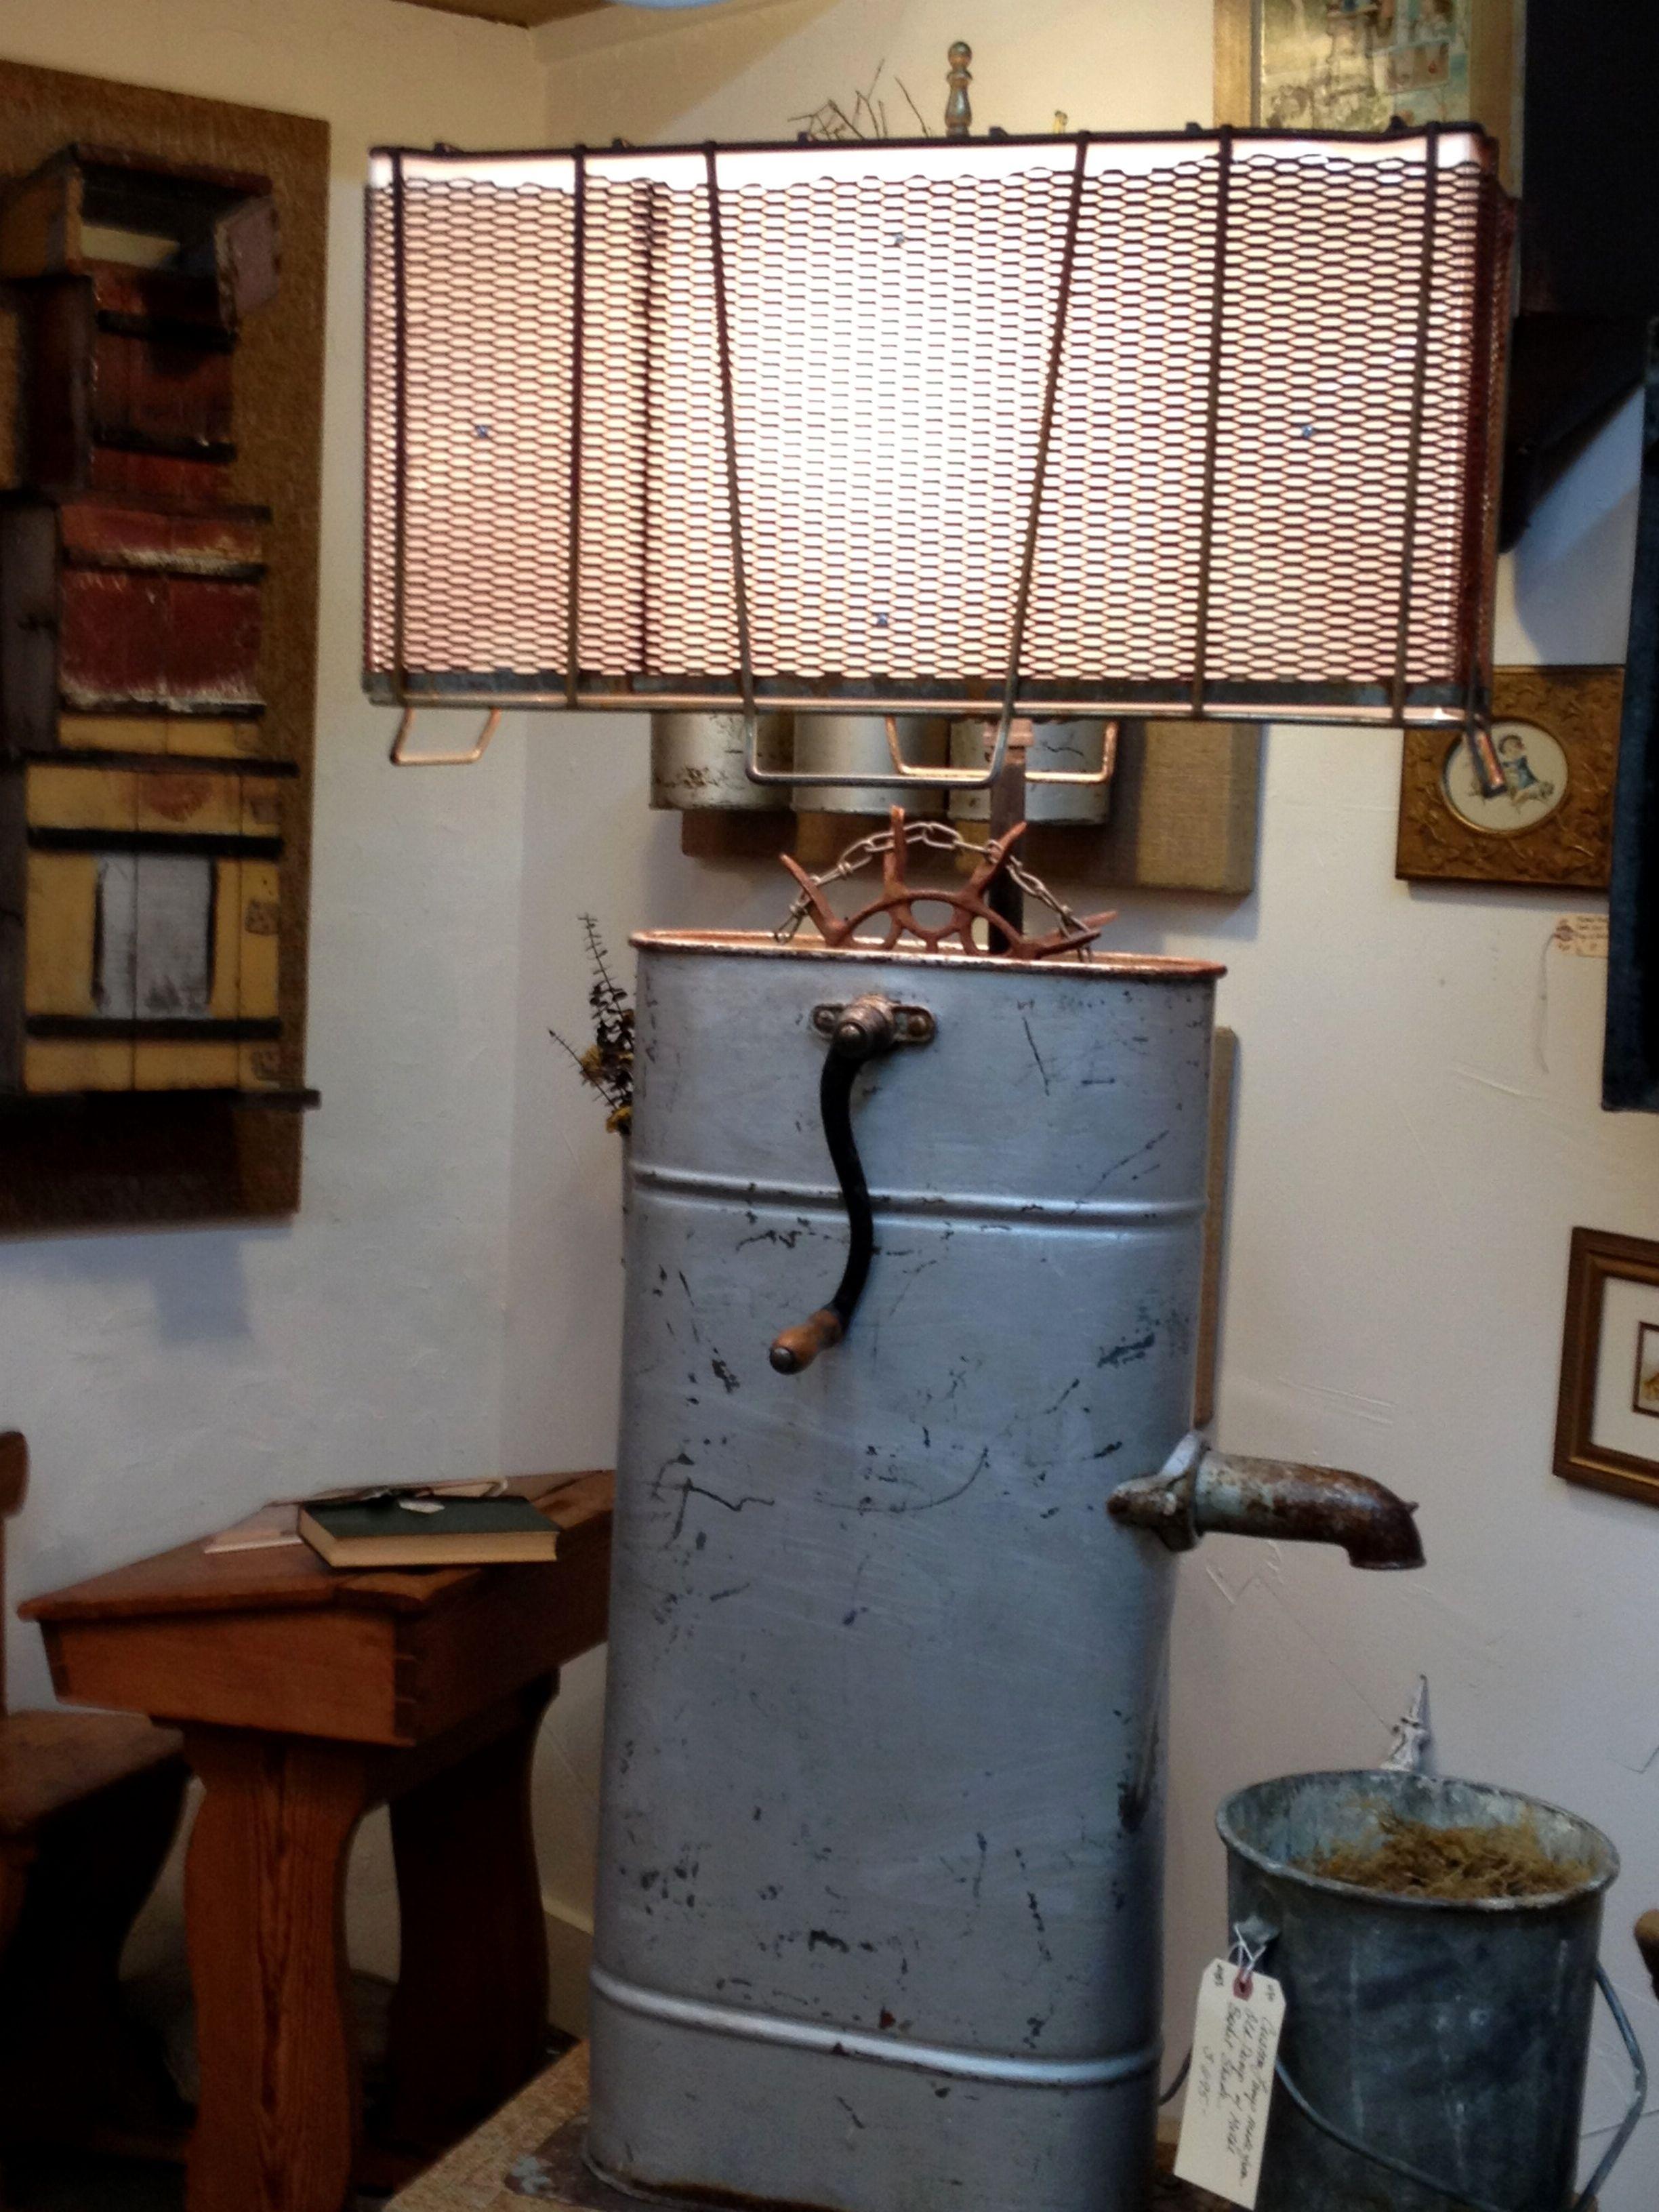 Repurposed Lamp Beam Me Up Scotty Cool Lamps Lamp